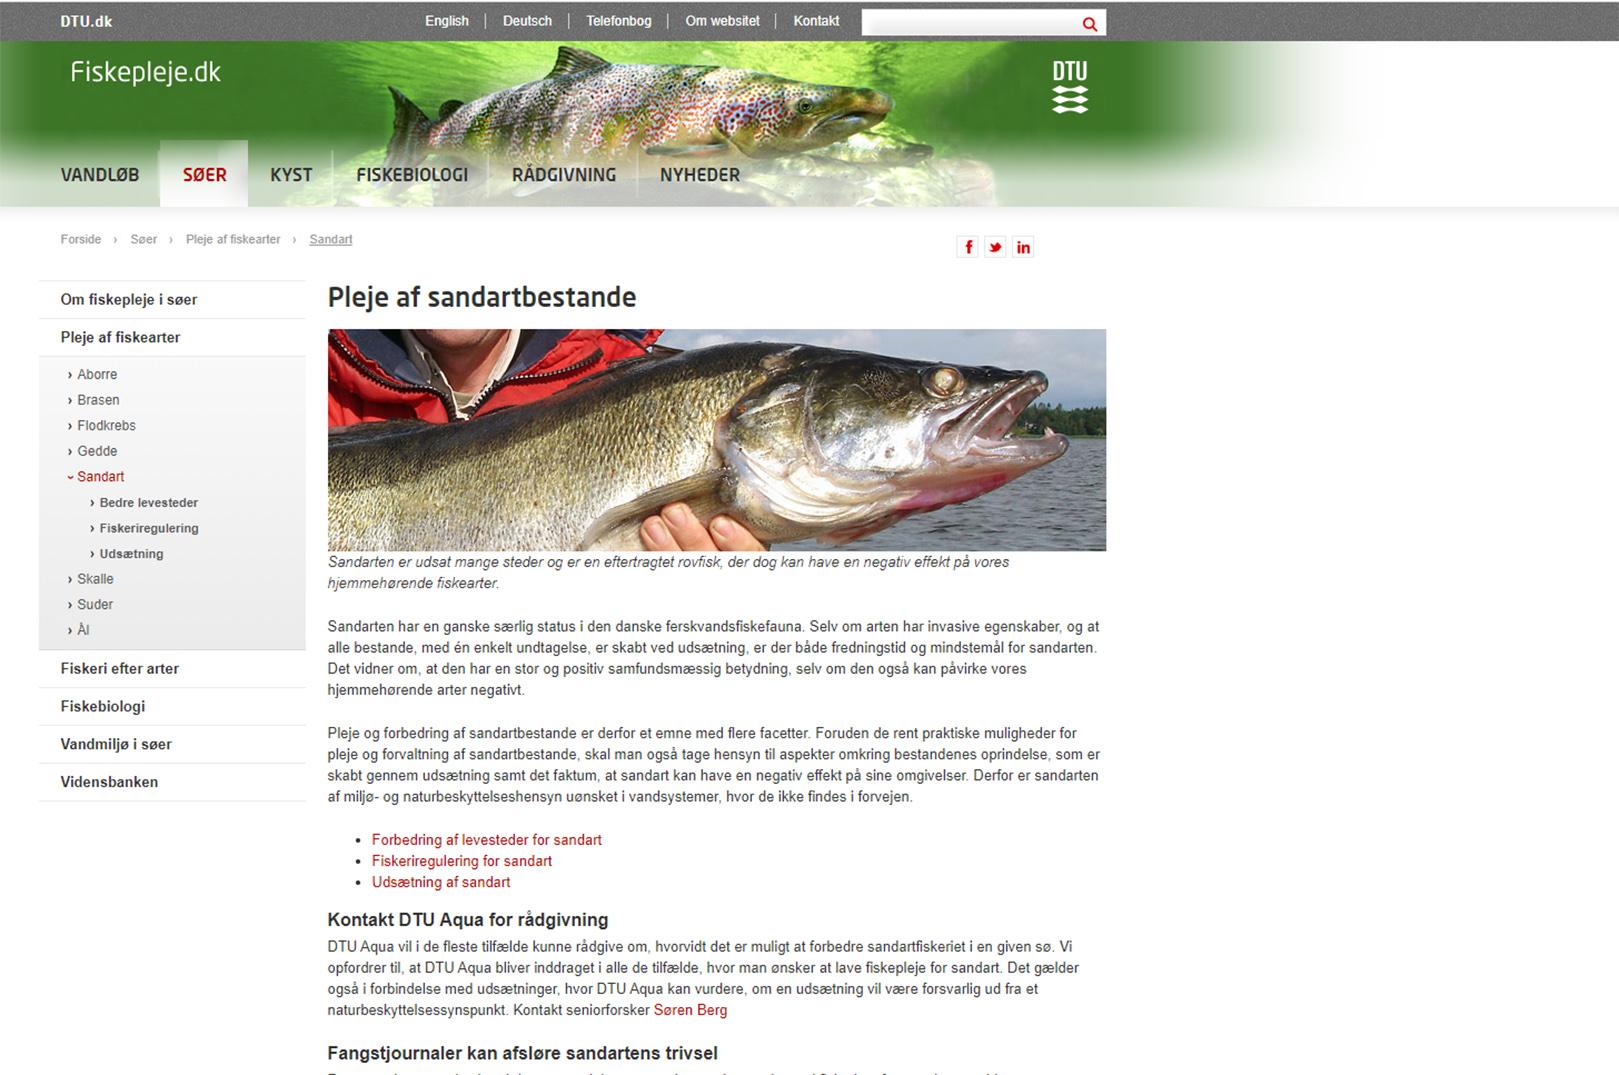 """Som du kan se pr dags dator har DTU Aqua nu fjernet teksten: """"Andre invasive arter som f.eks. båndgrundling er direkte uønskede, men sandarten er værdifuldog høj værdsat erhvervsmæssigt, som sportsfisk og kulinarisk""""."""